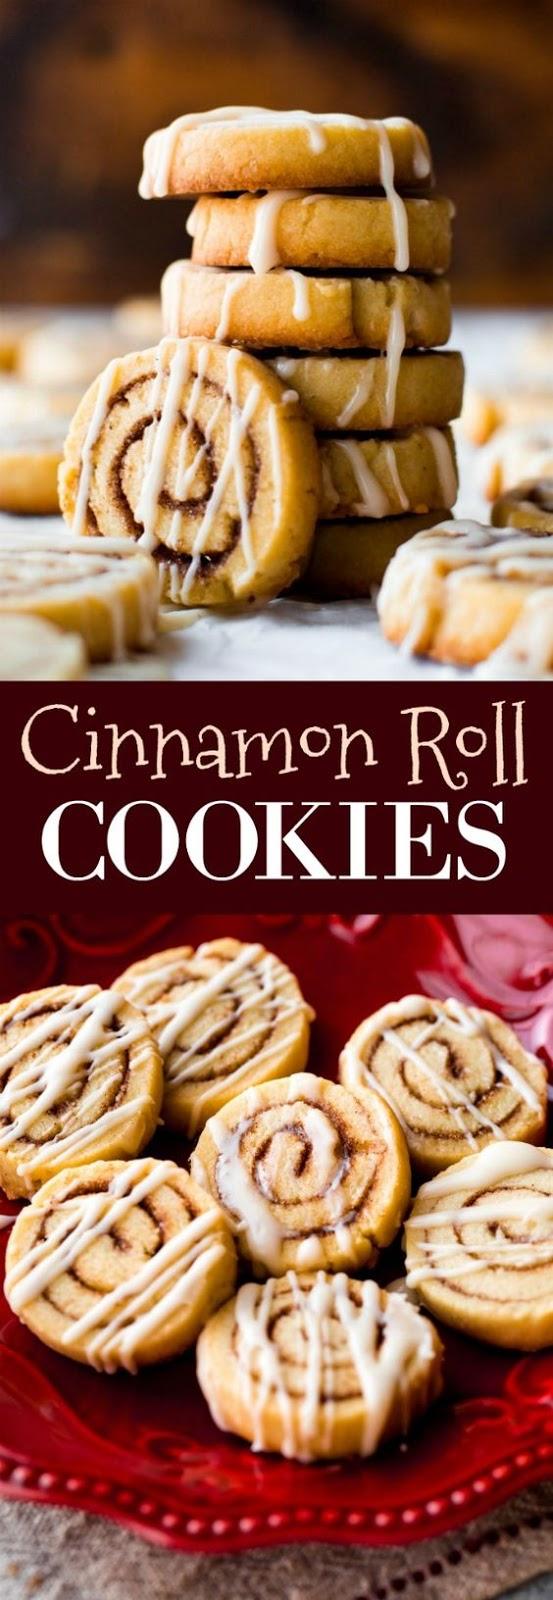 Cinnamon Roll Cookies #cinnamon #cinnamonroll #cookies #cookiesrecipes #cinnamonrollcookies